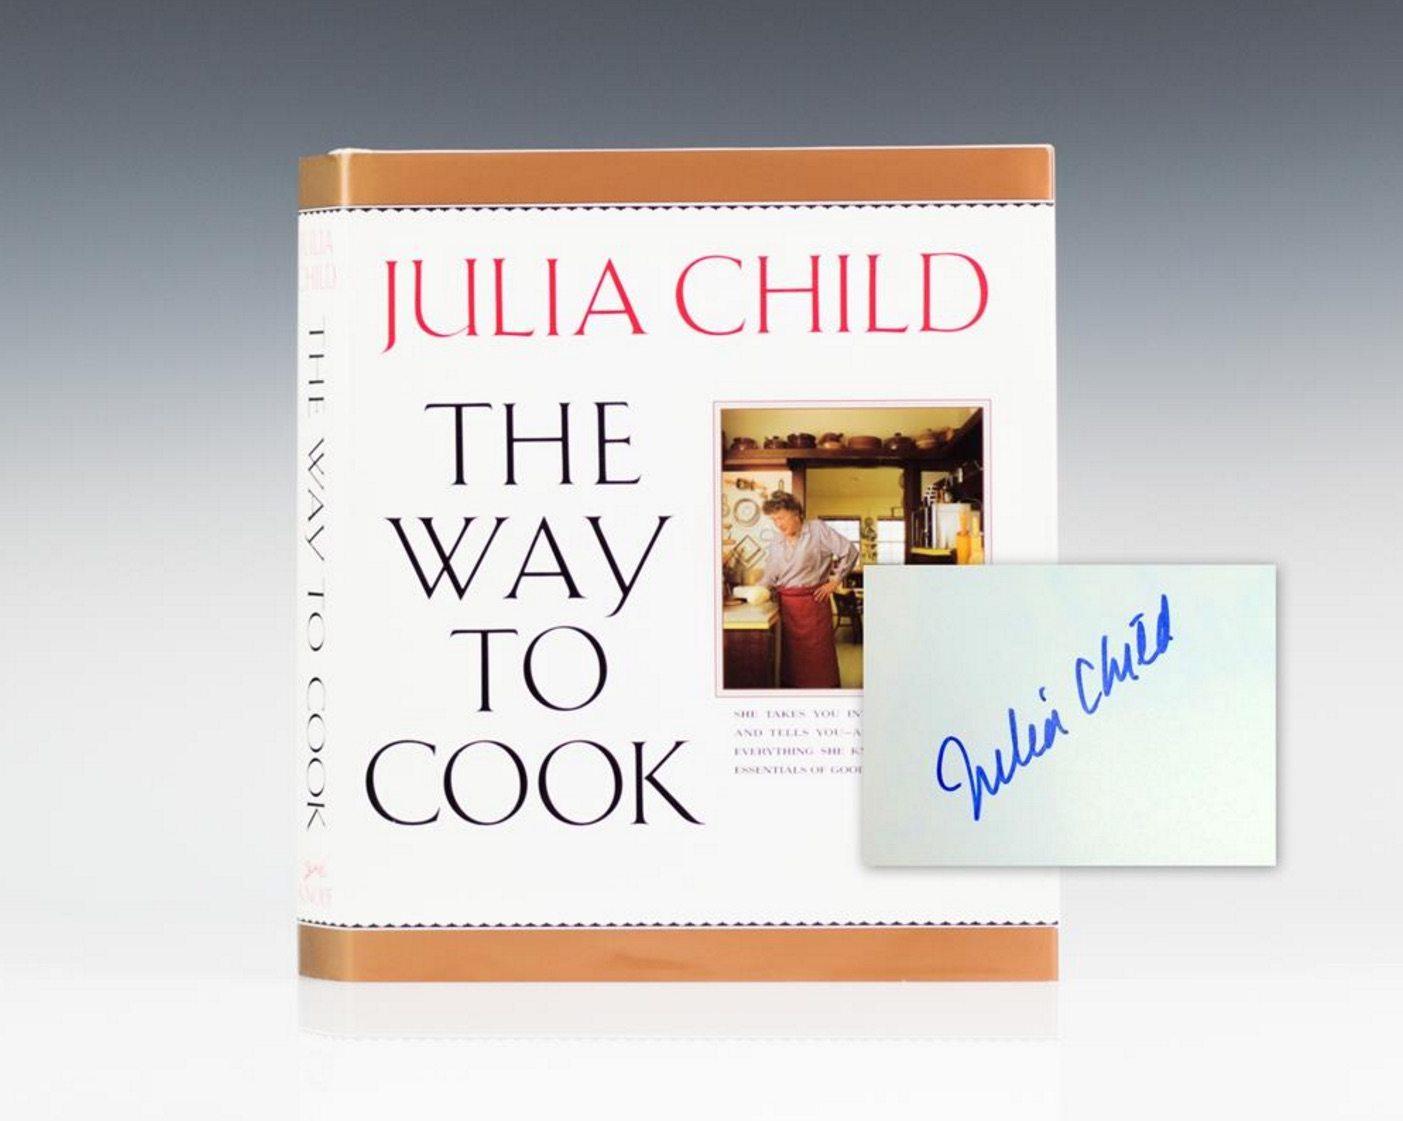 Julia Child First Edition rare book